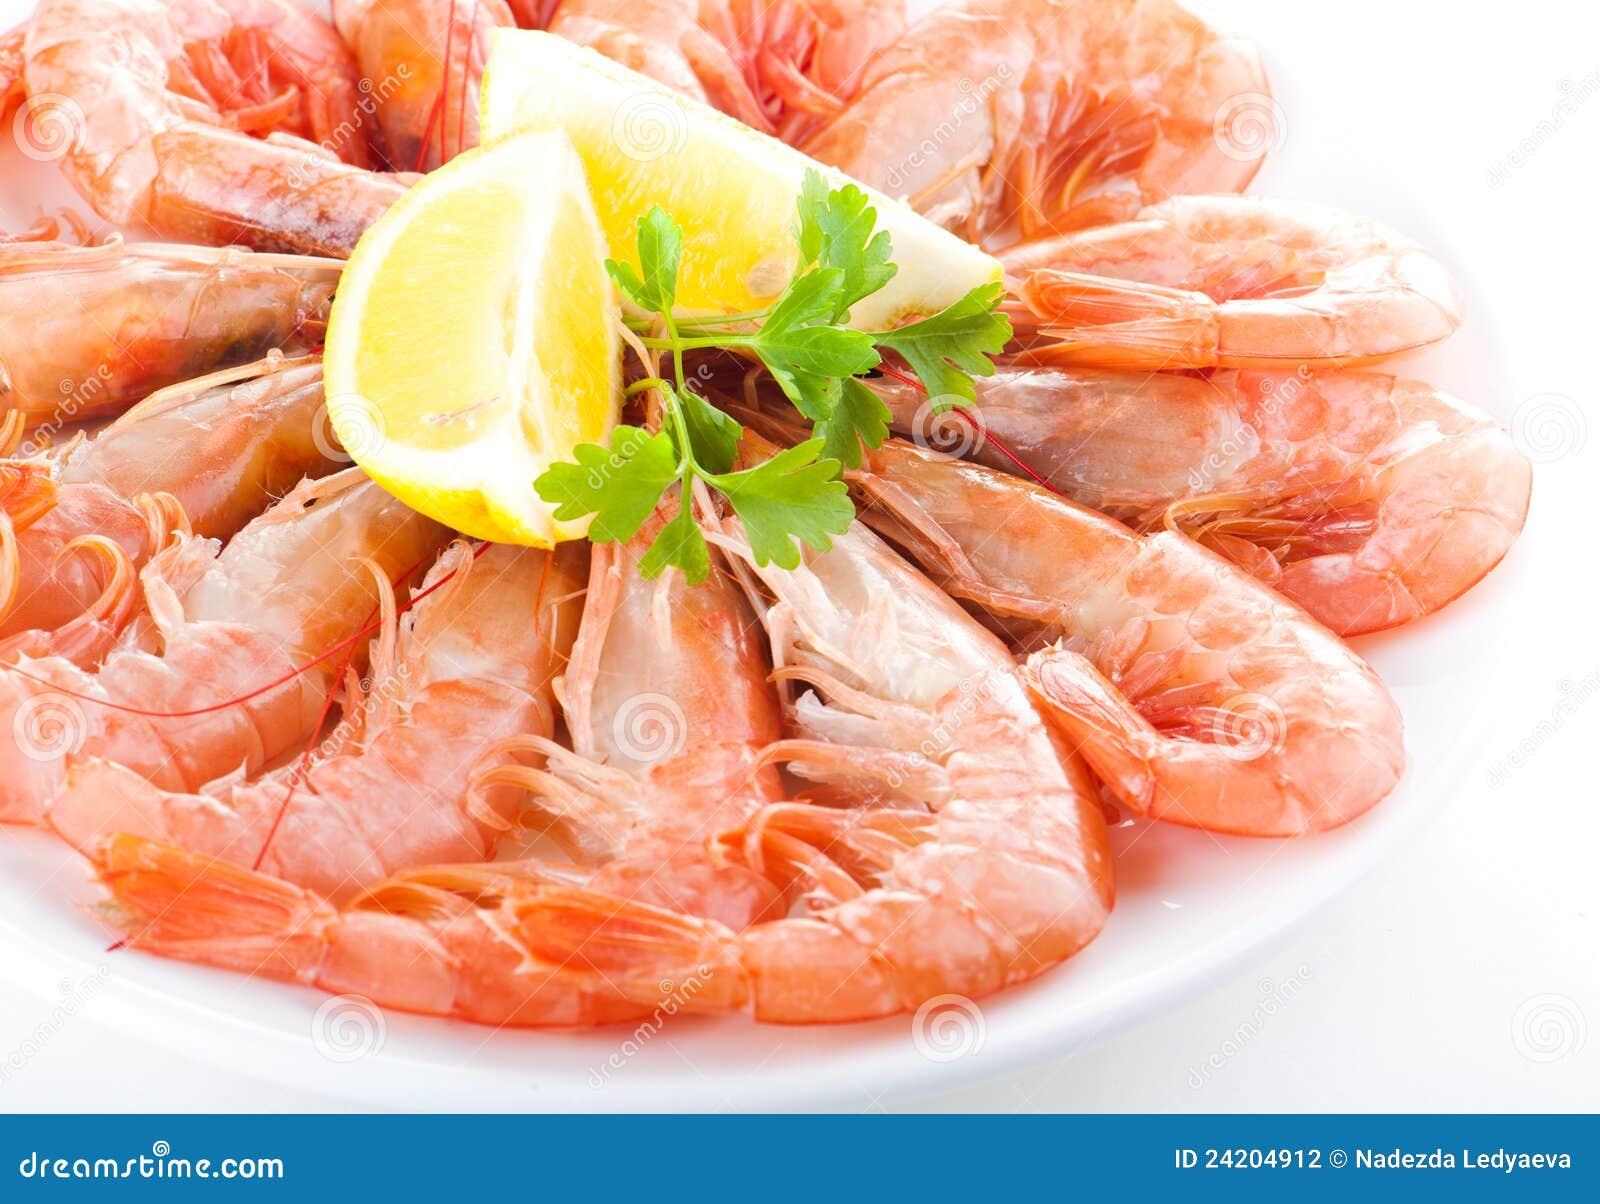 Fresh Shrimp Stock Photography - Image: 24204912